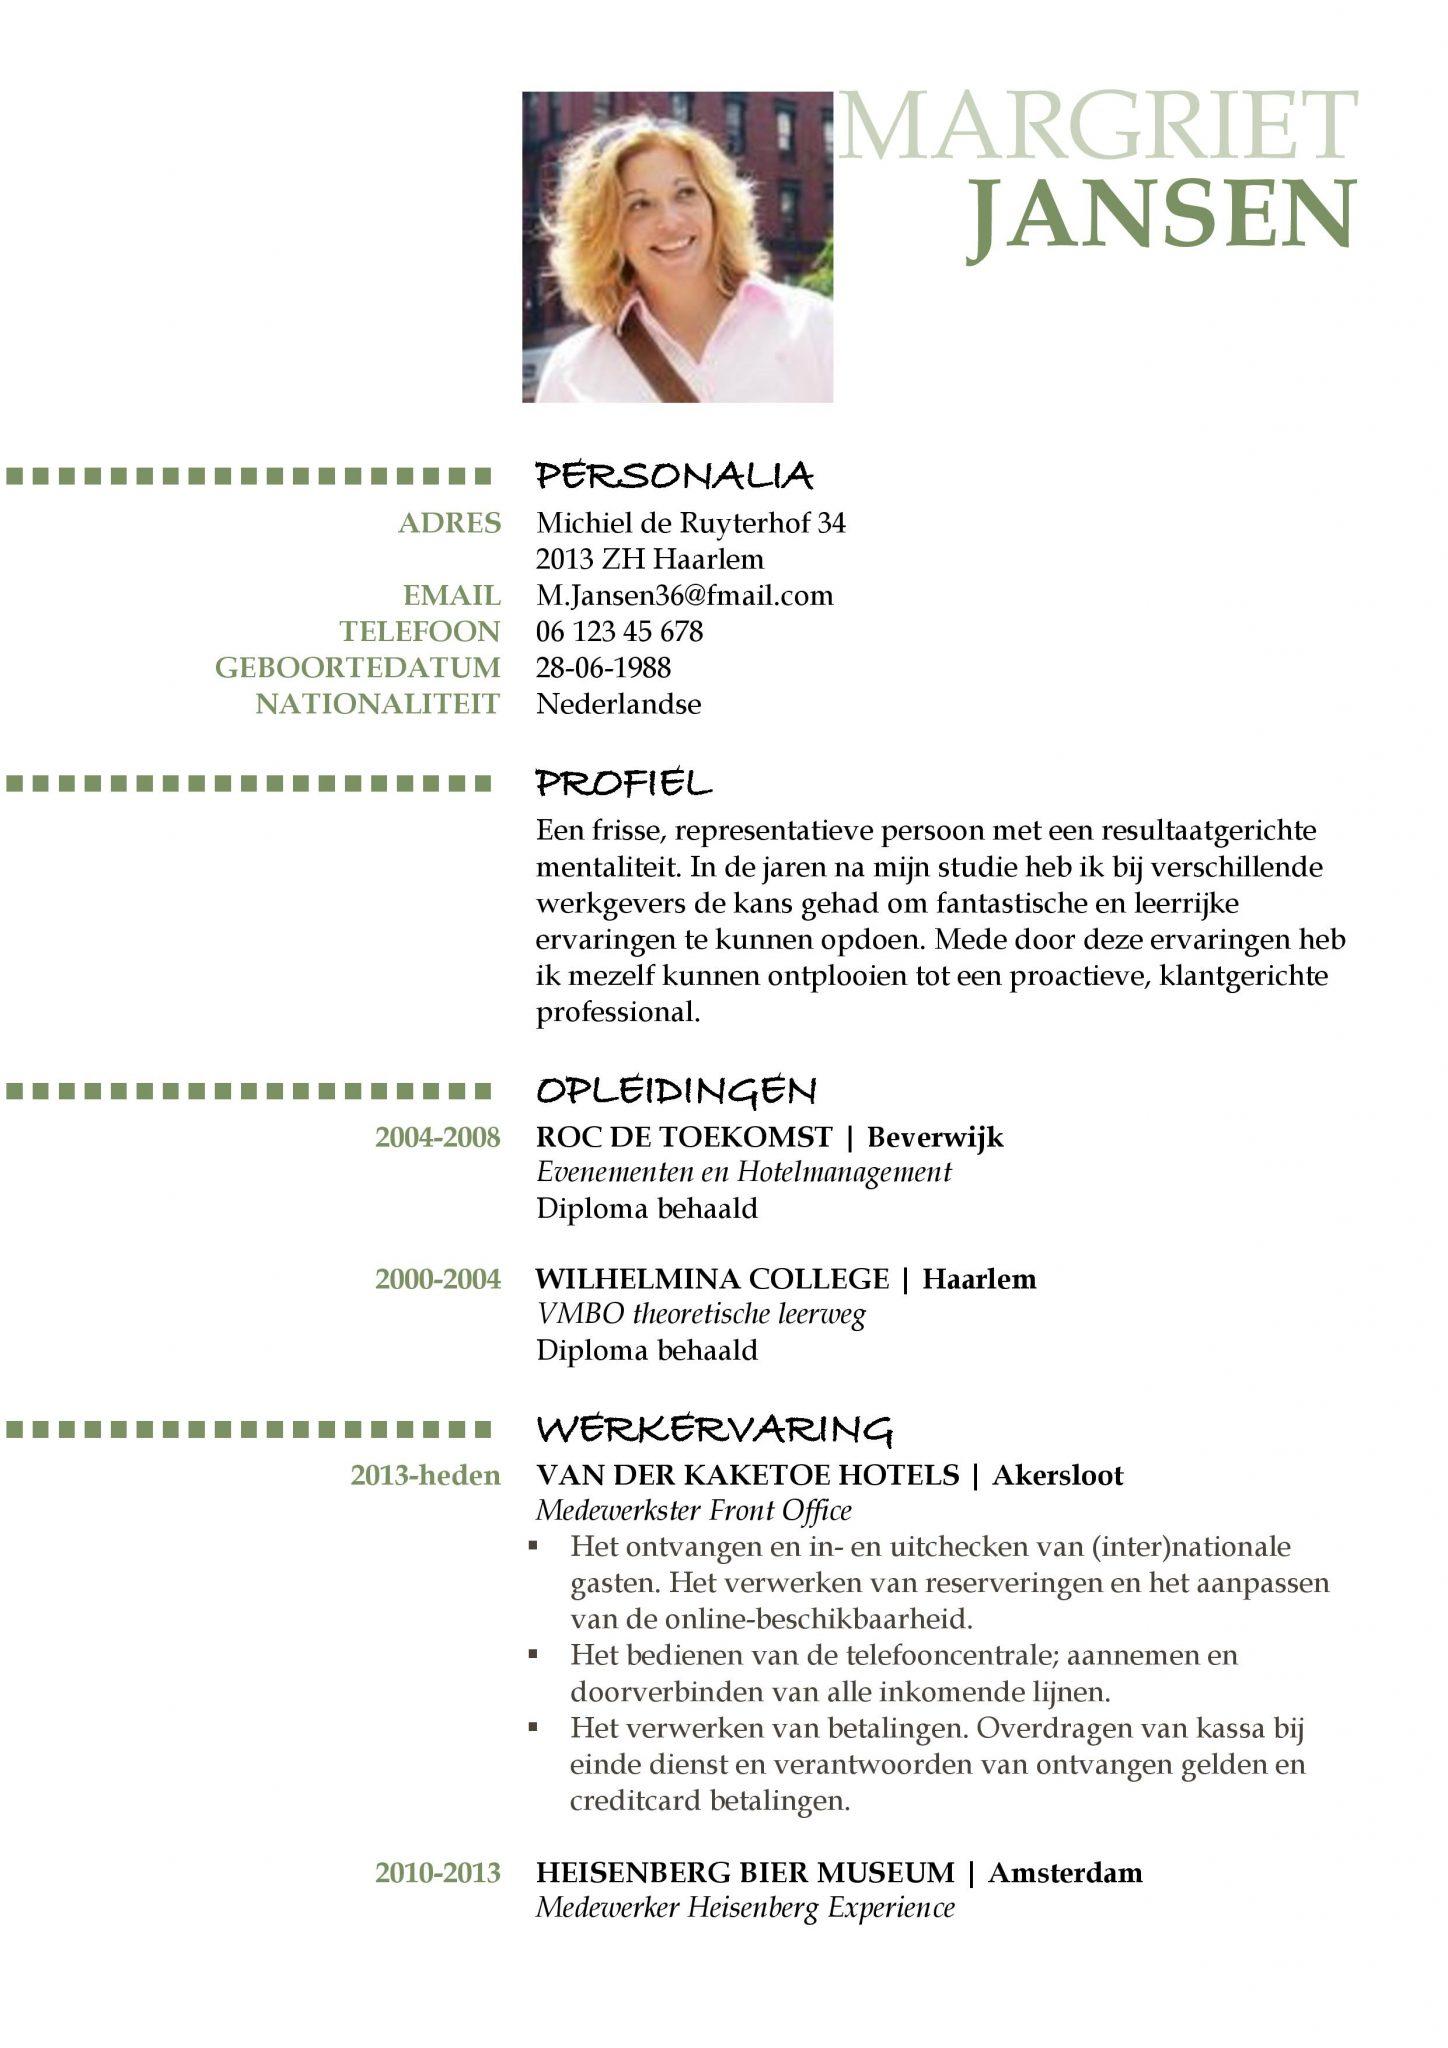 CV Voorbeeld (Green Night) 1/2   Sollicitatiebijbel.nl